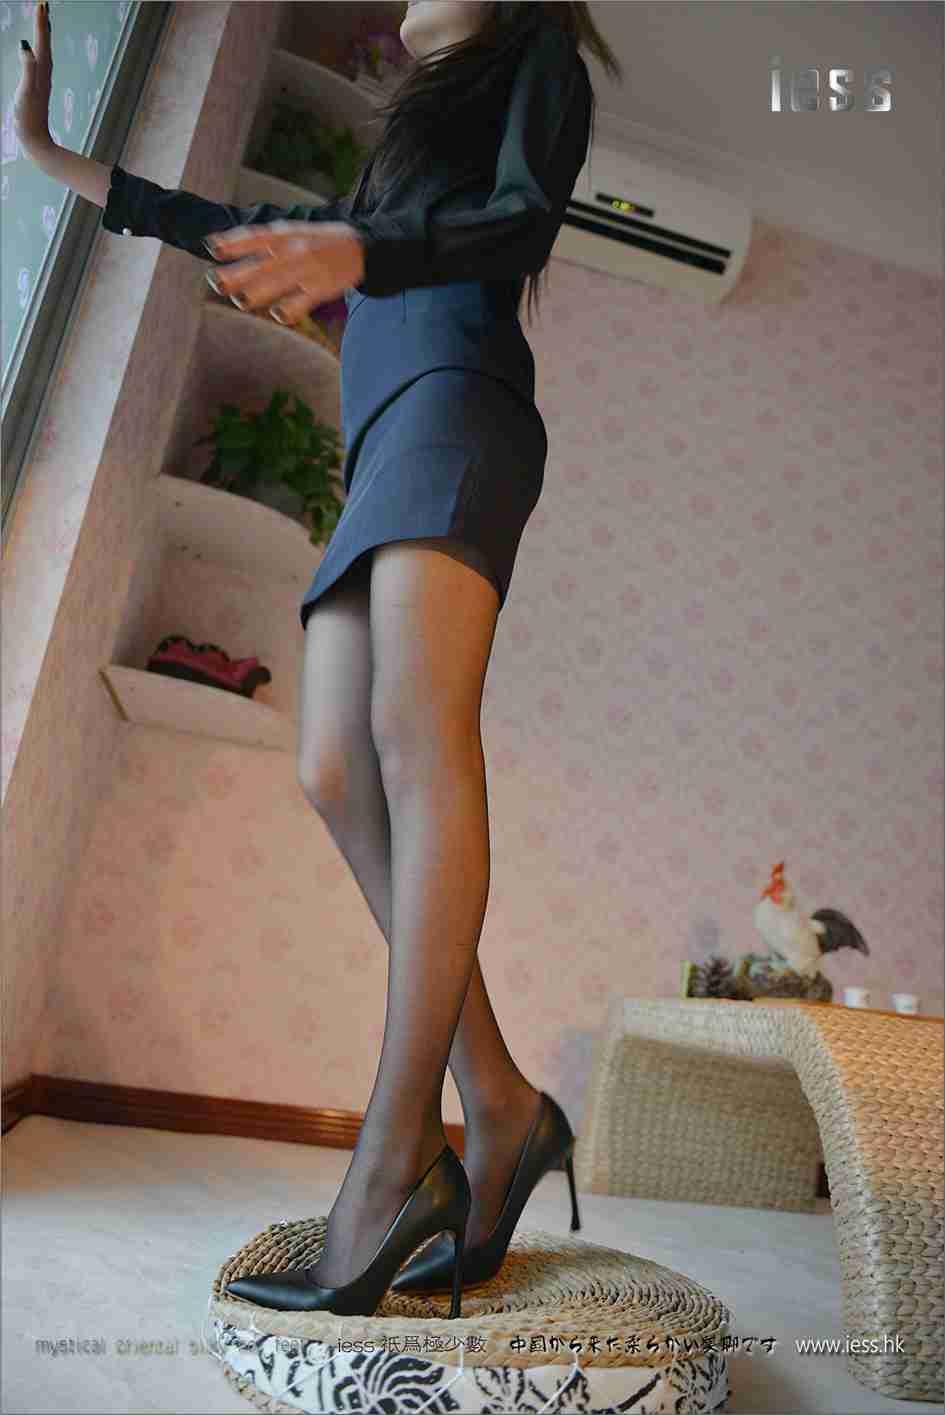 模特:黑丝白领妹妹潇潇室内美腿高跟鞋套图